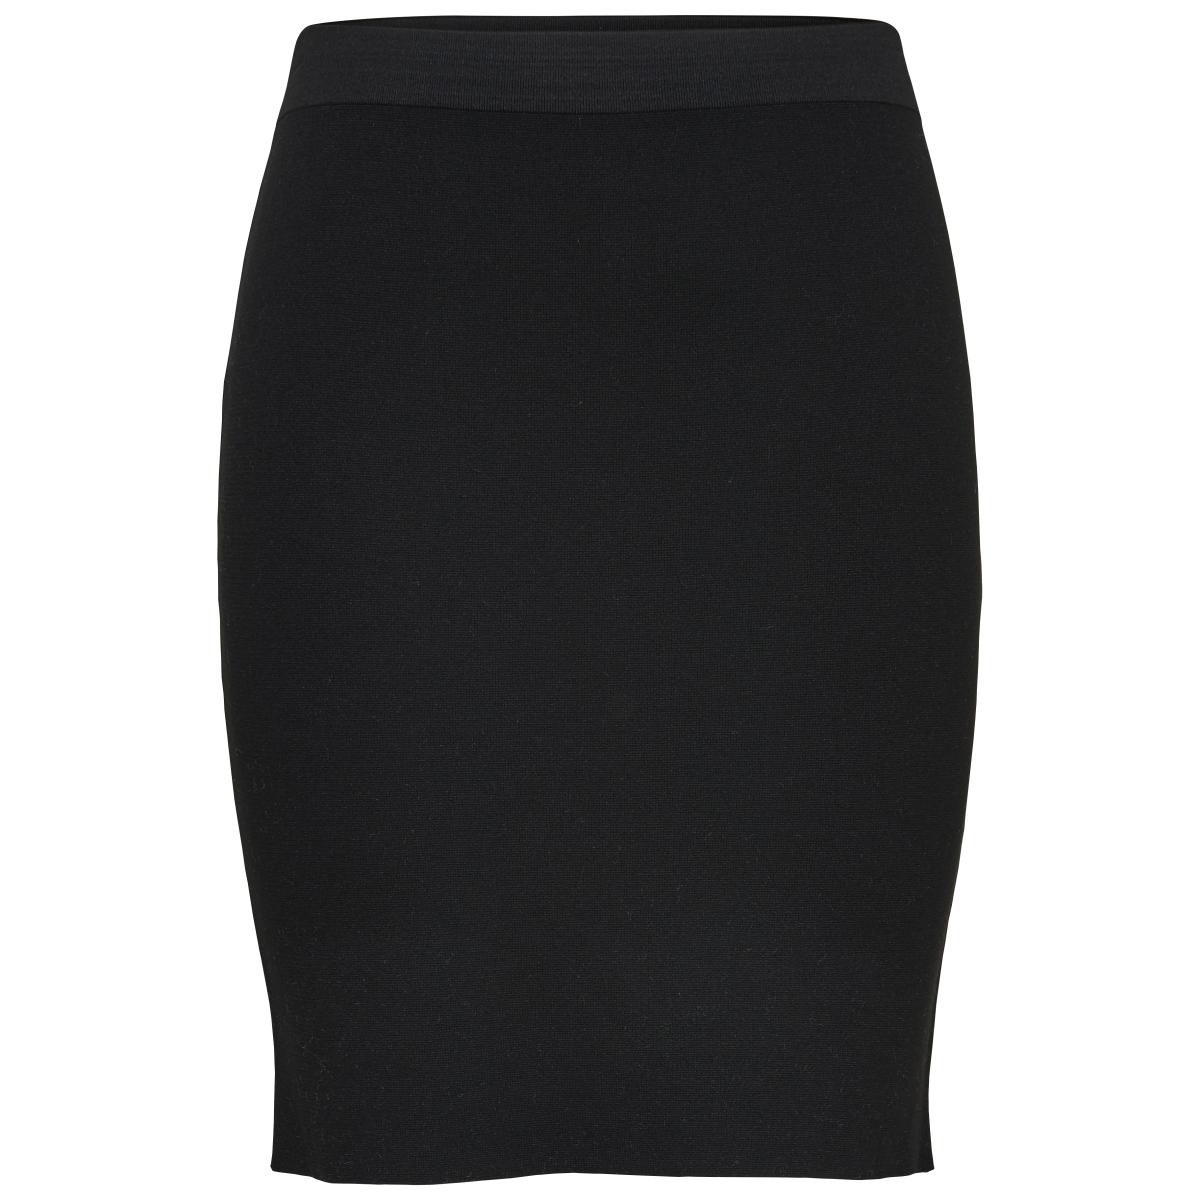 onlbecky lisa l/s skirt knt only rok black